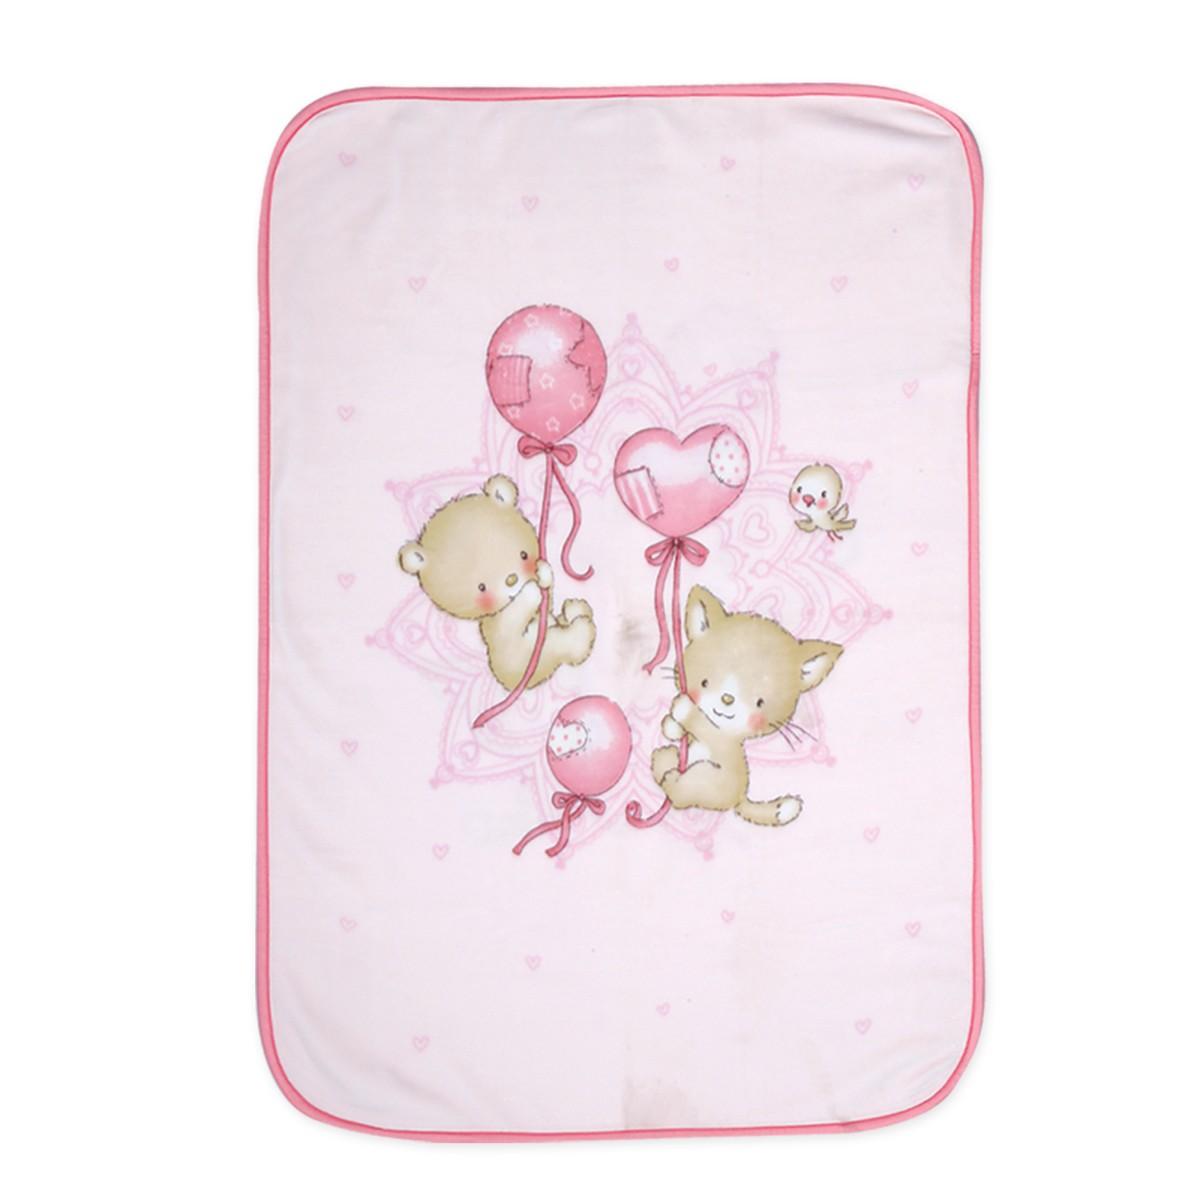 Κουβέρτα Βελουτέ Αγκαλιάς Nef-Nef Baby Balloon Pets